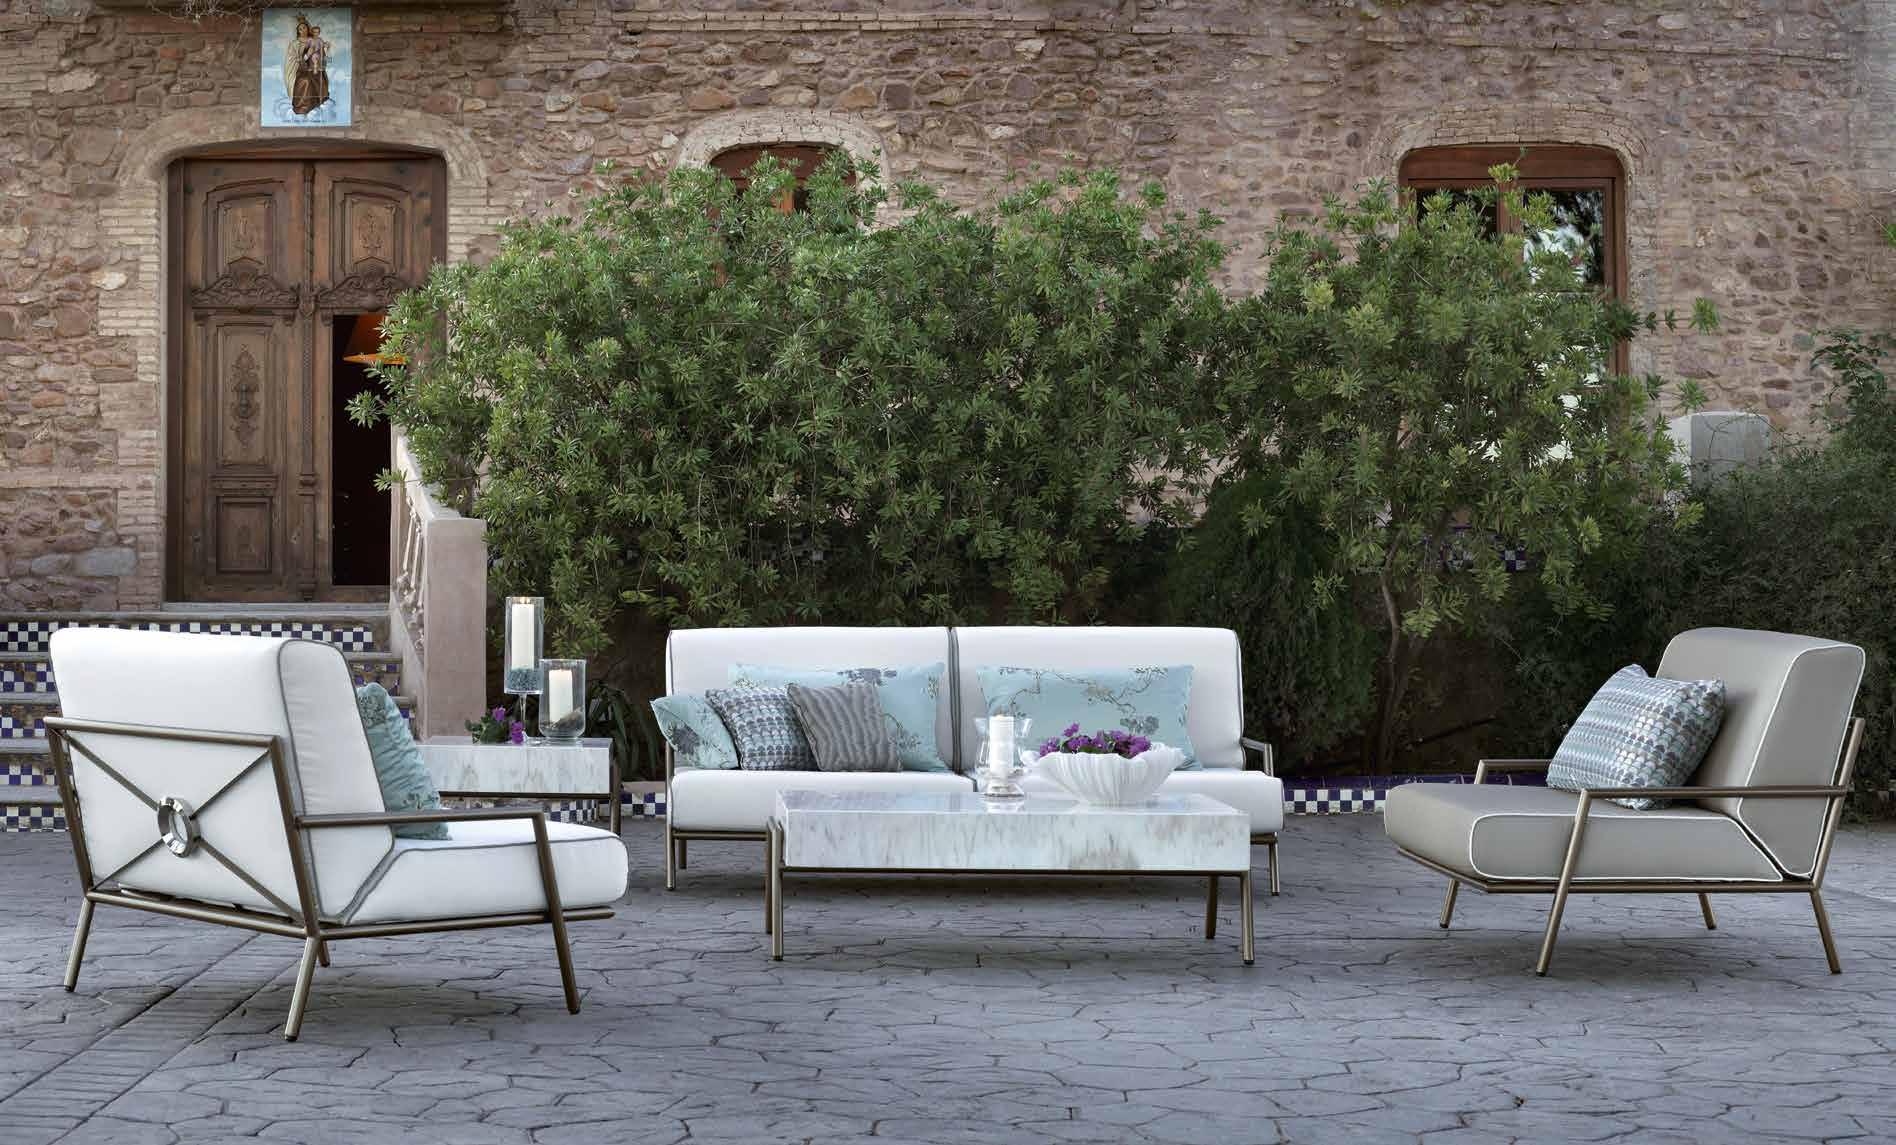 luxury-garden-furniture-patio-furniture